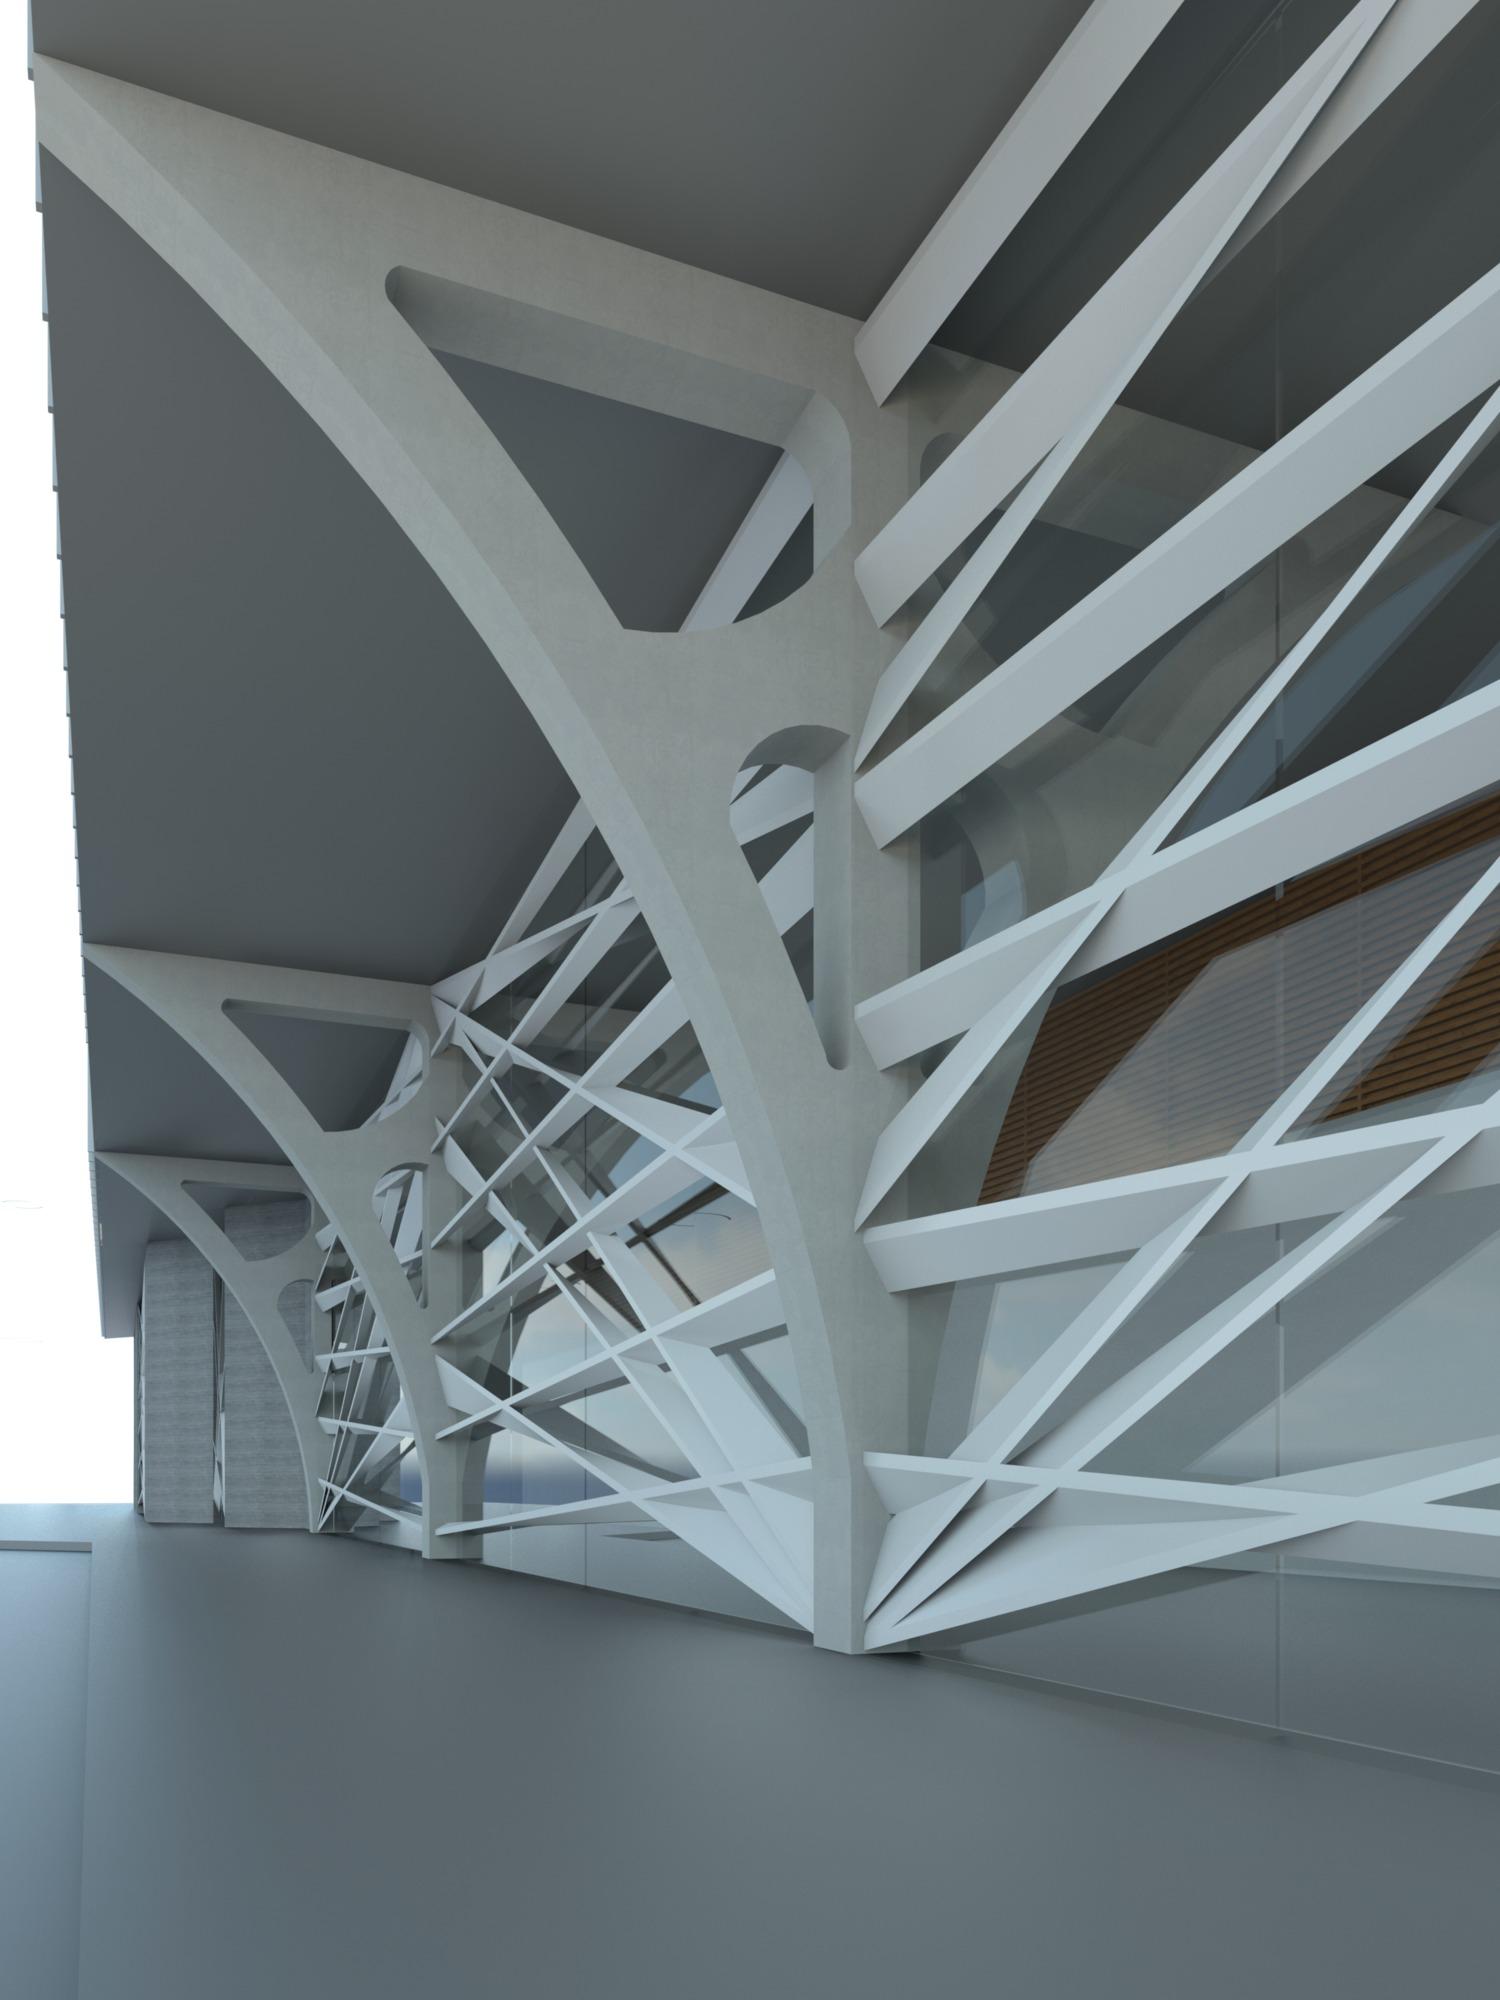 Raas-rendering20150223-18707-18hgk1o